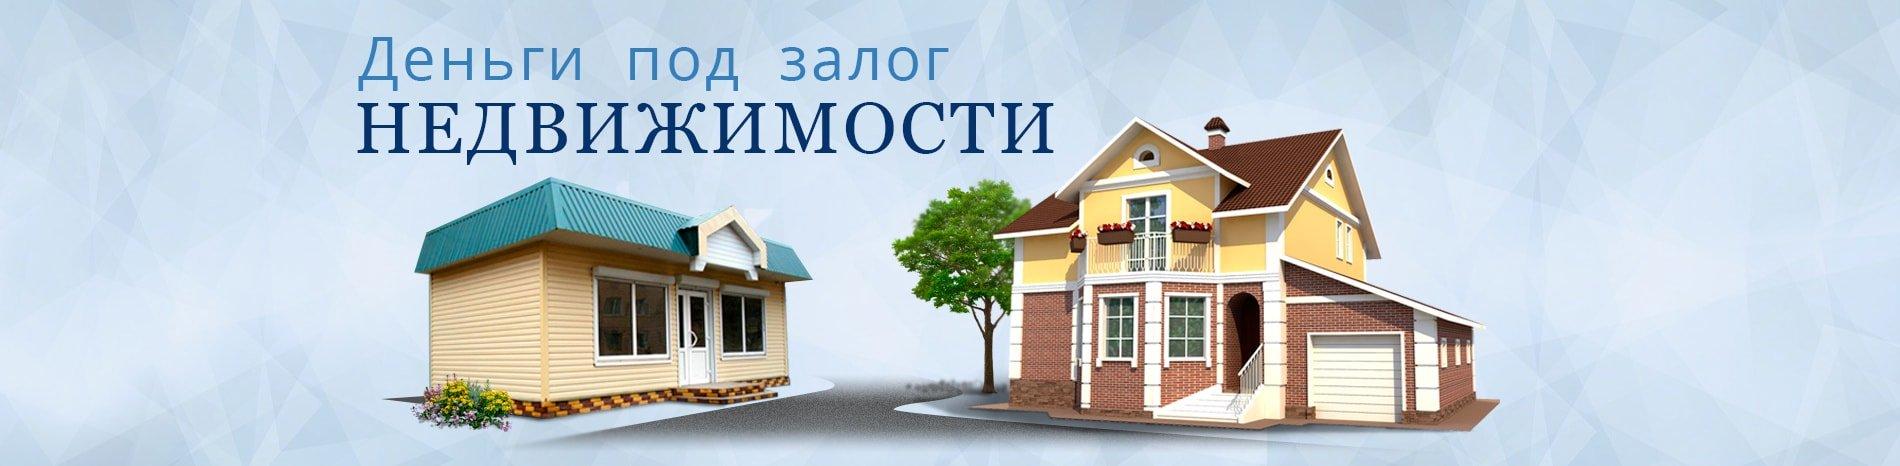 Кредит под залог недвижимости в альметьевске кредит под залог комнаты спб